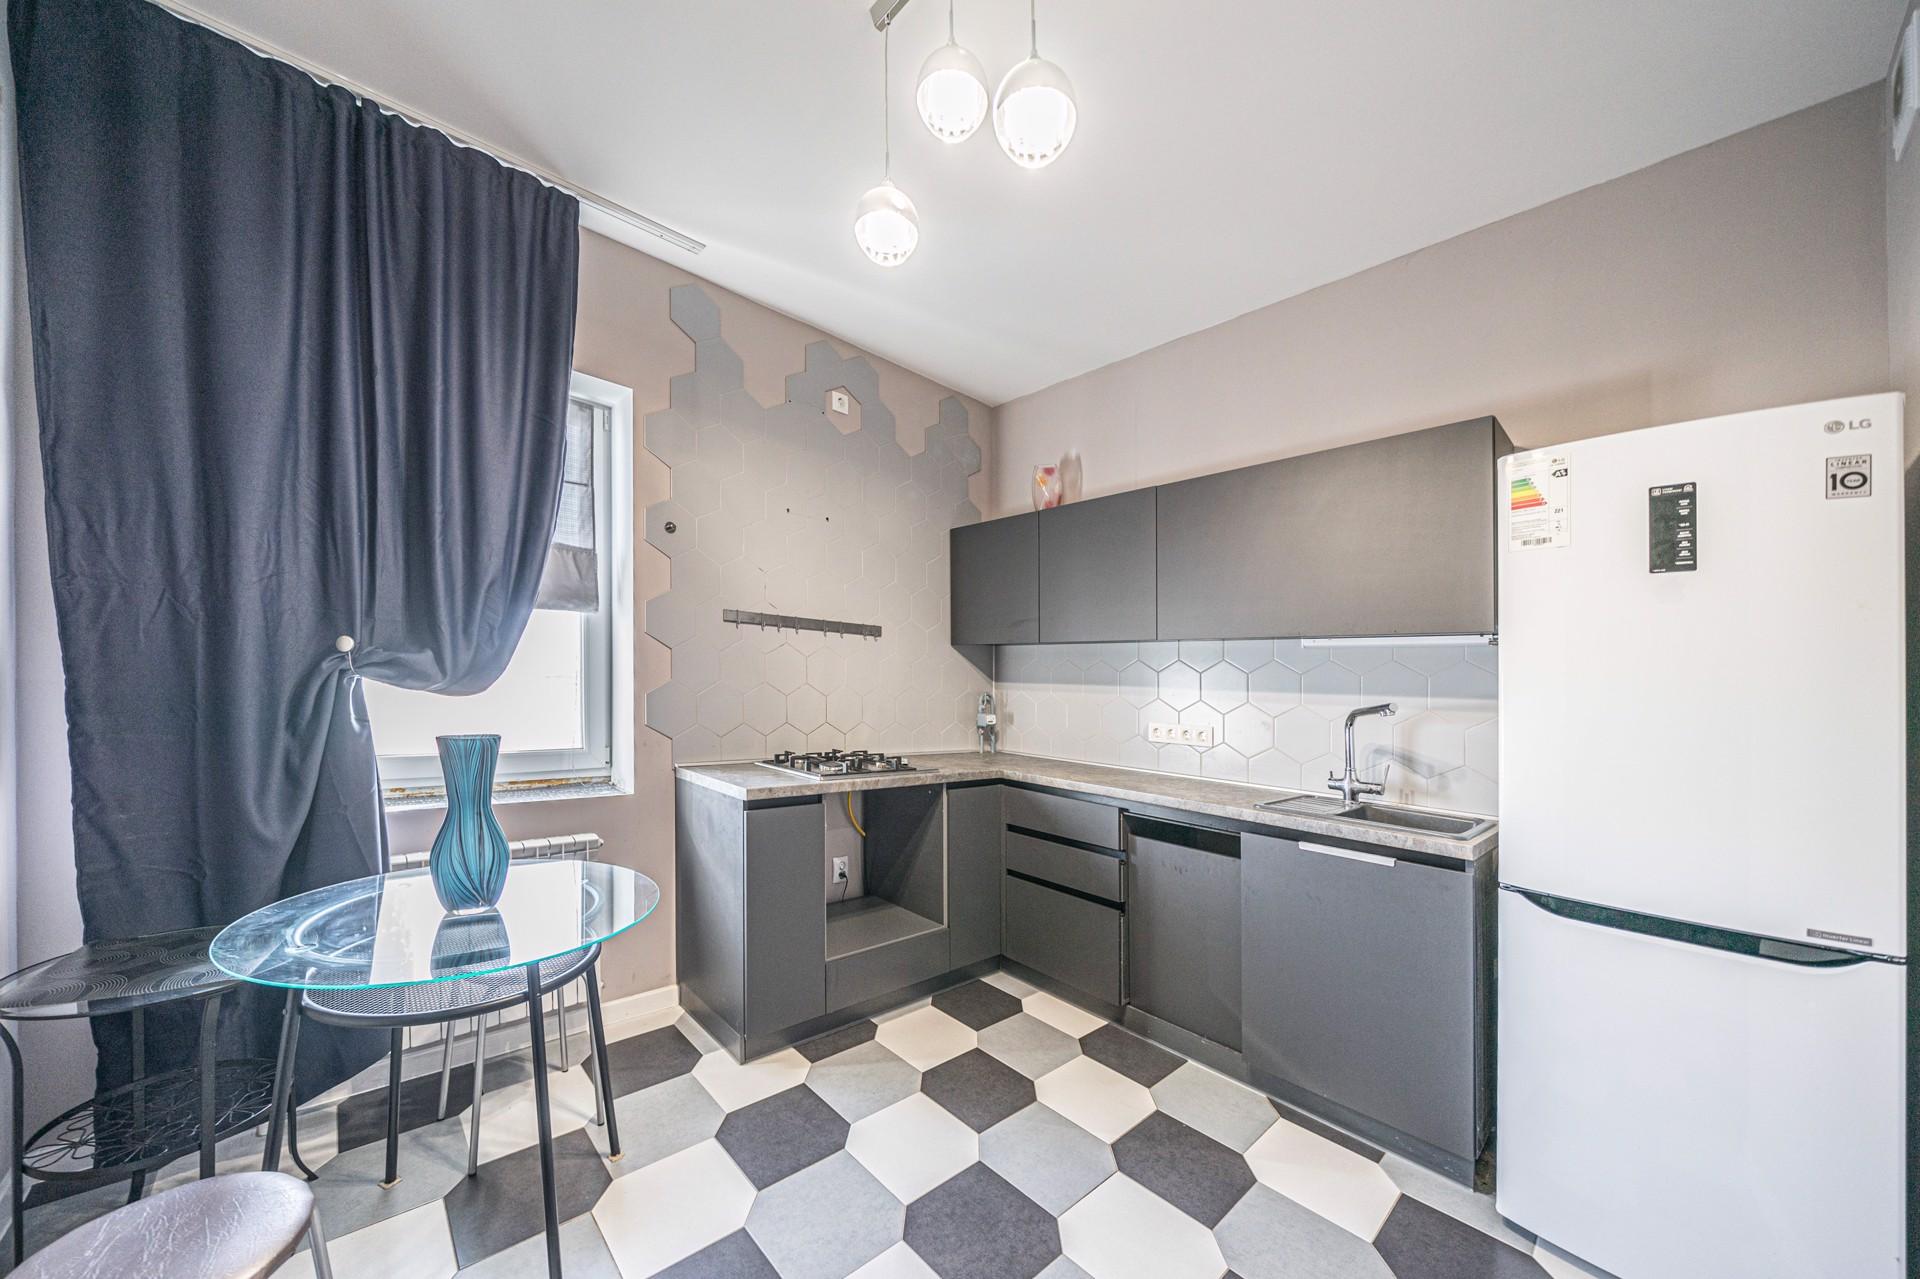 Продажа 2-к квартиры, Липецк, улица Гоголя, 37, 67.7 м², 4150000 ₽